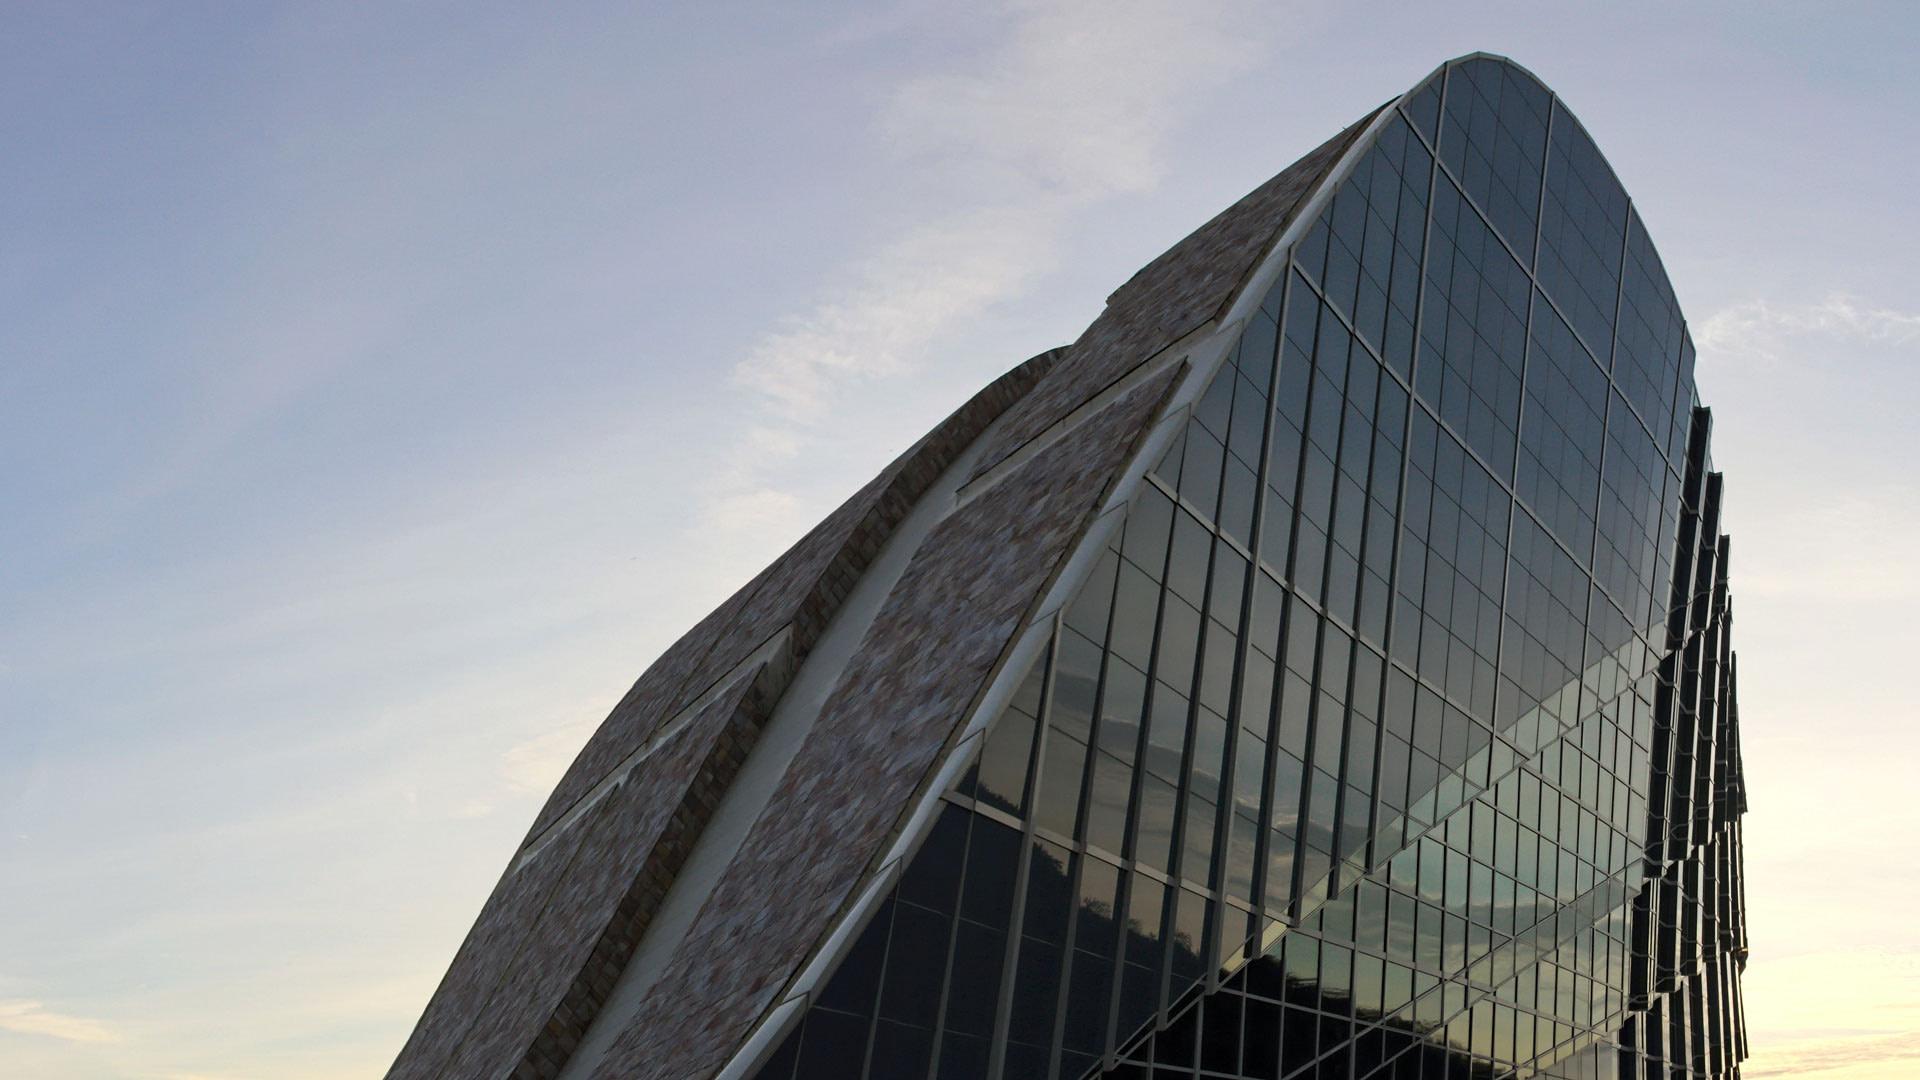 Edificio - Proyecto de consultoria - Centro de Arte Internacional